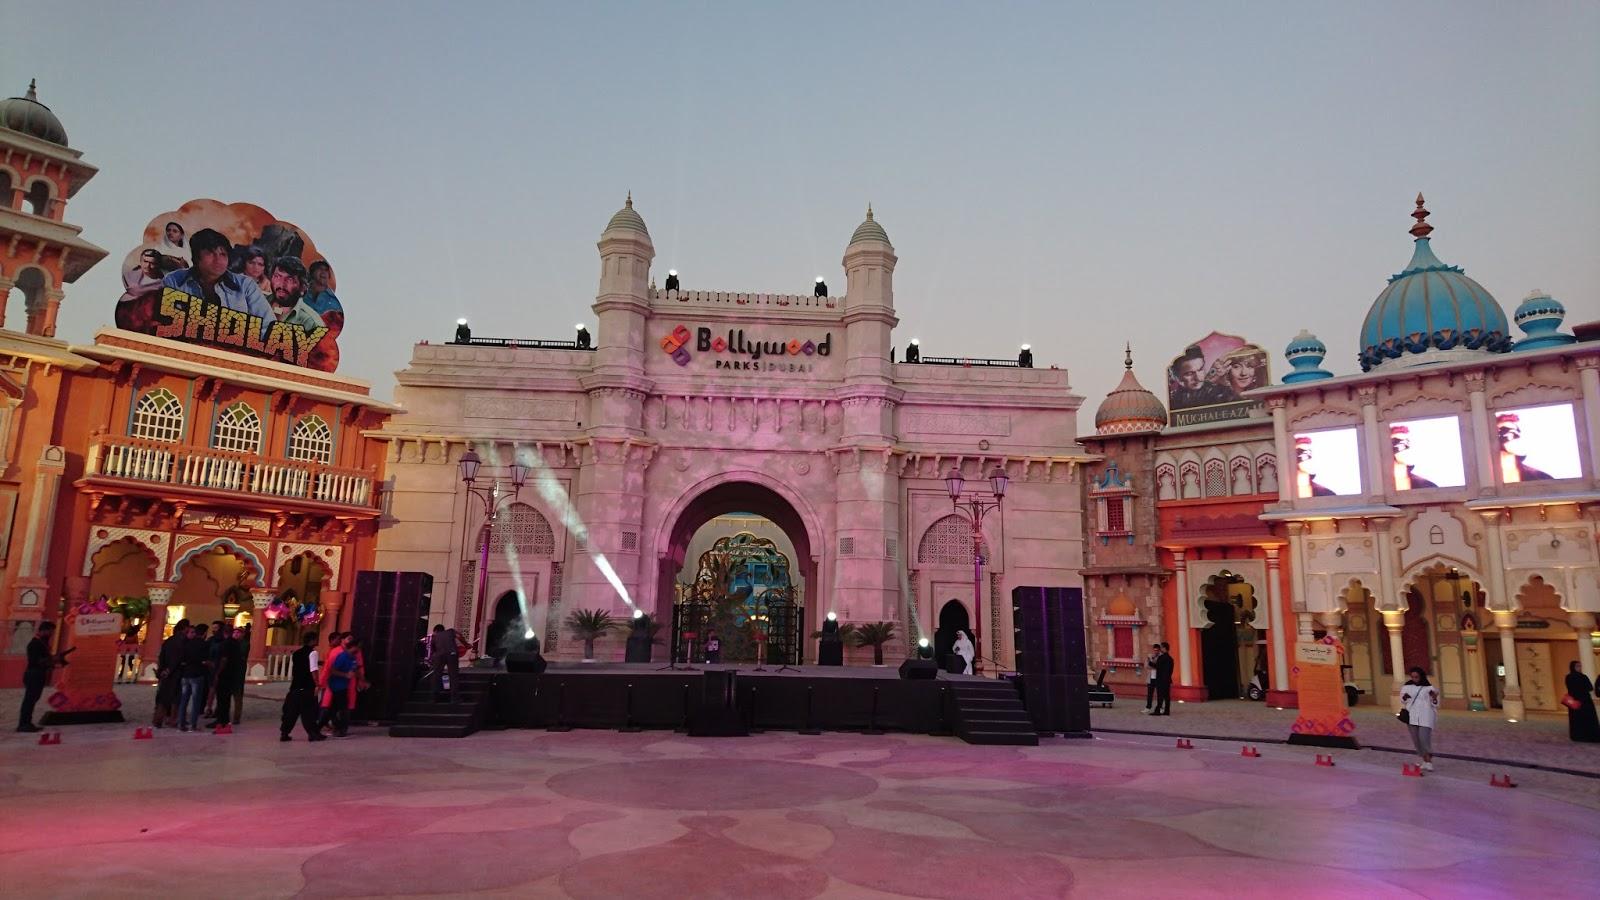 صور اماكن سياحية في دبي للعائلات , افضل الاماكن السياحية فى دبى للعائلات